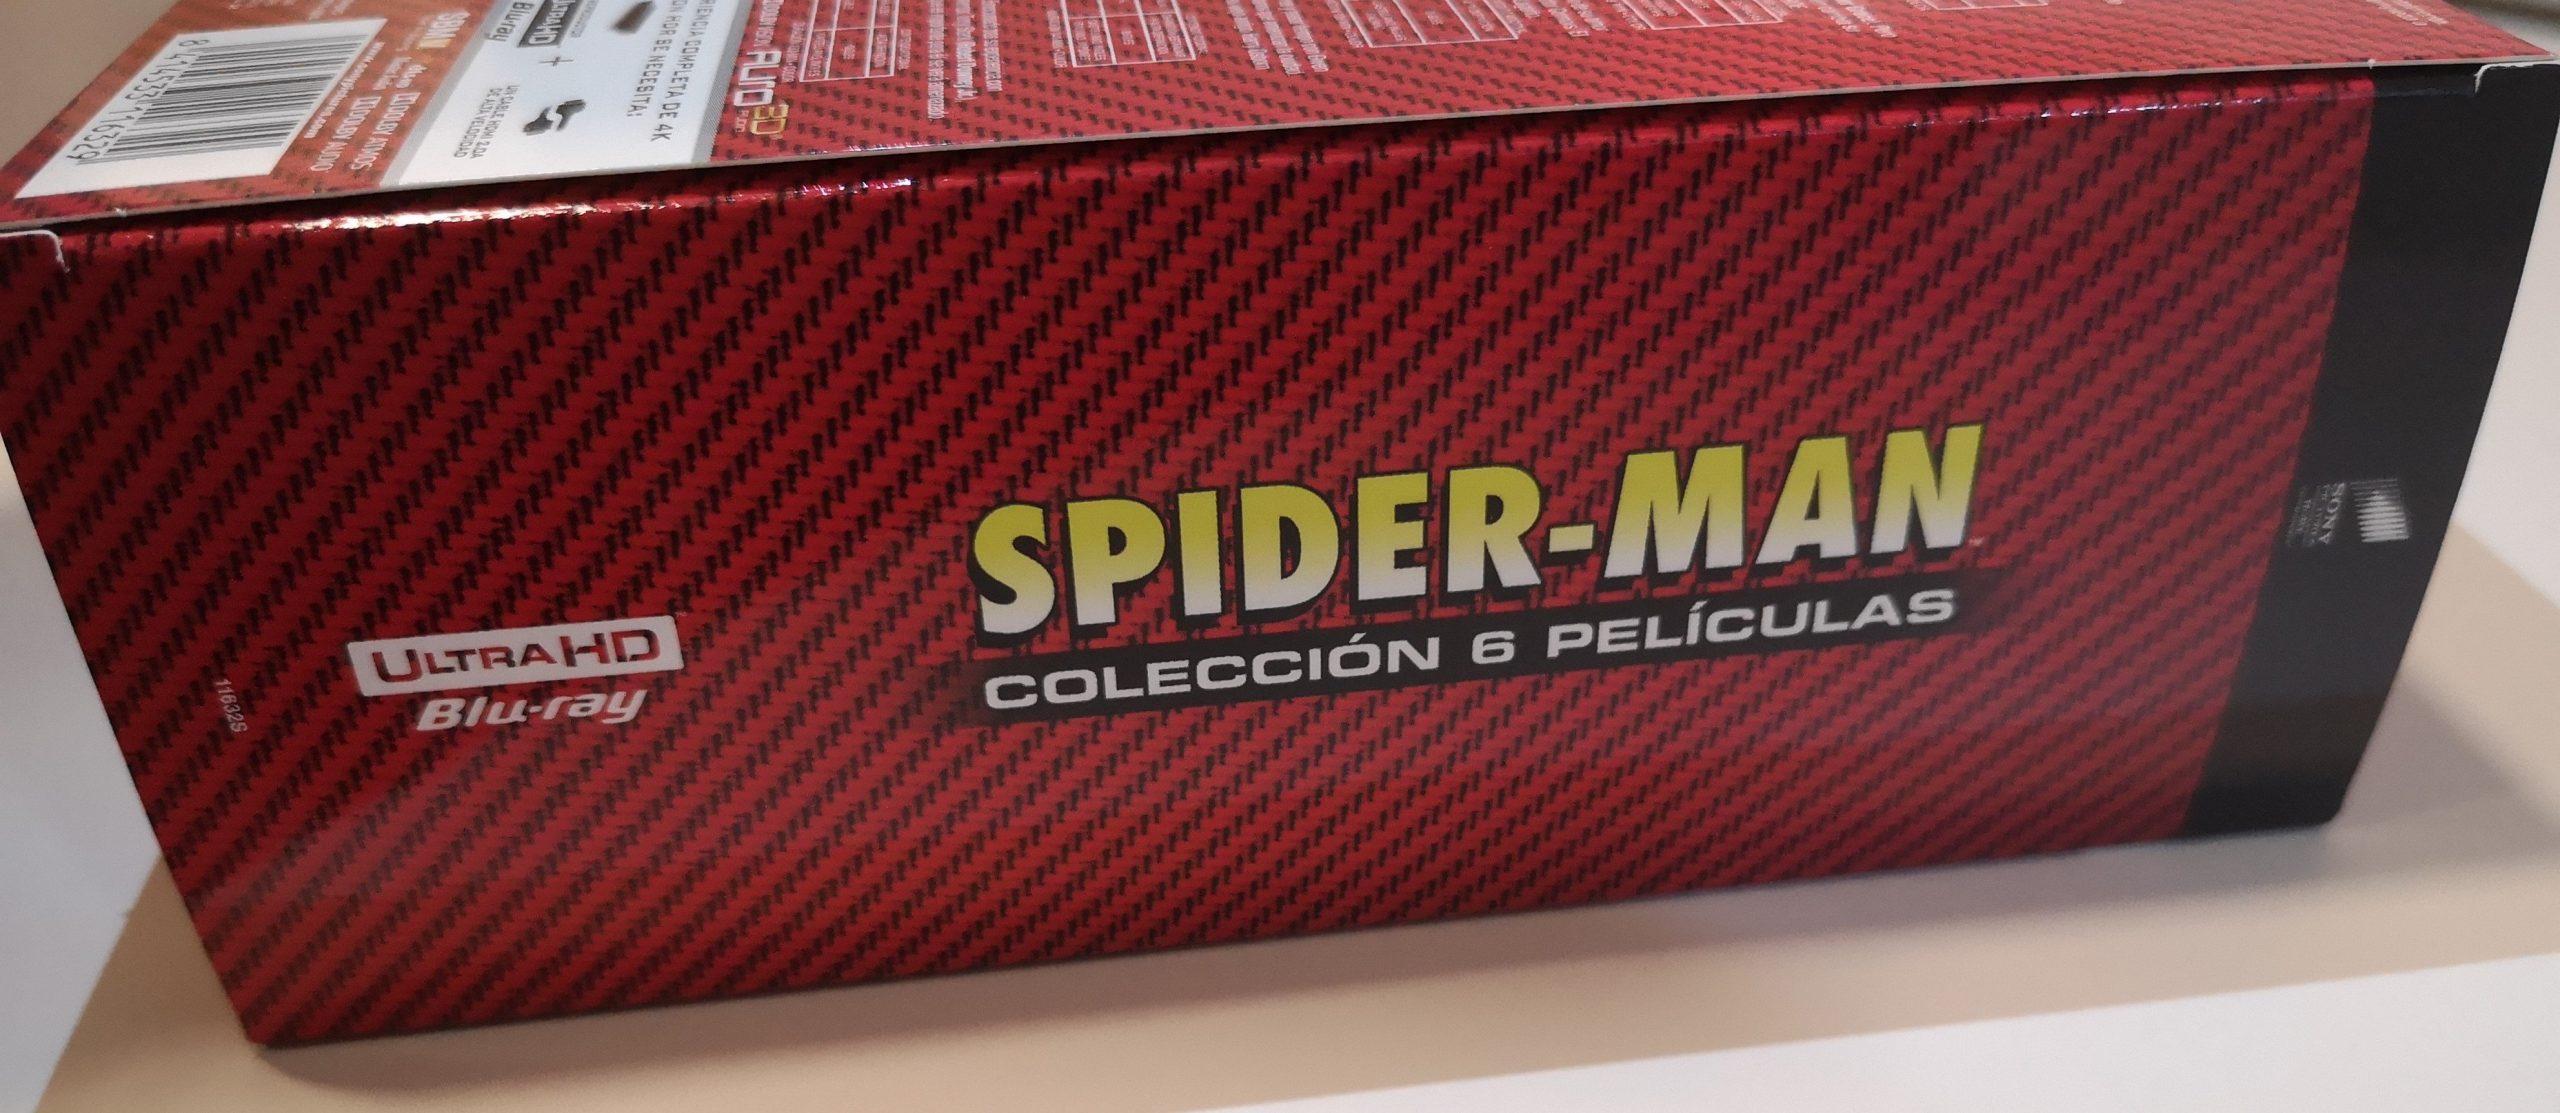 Spider-Man colección 6 películas 03